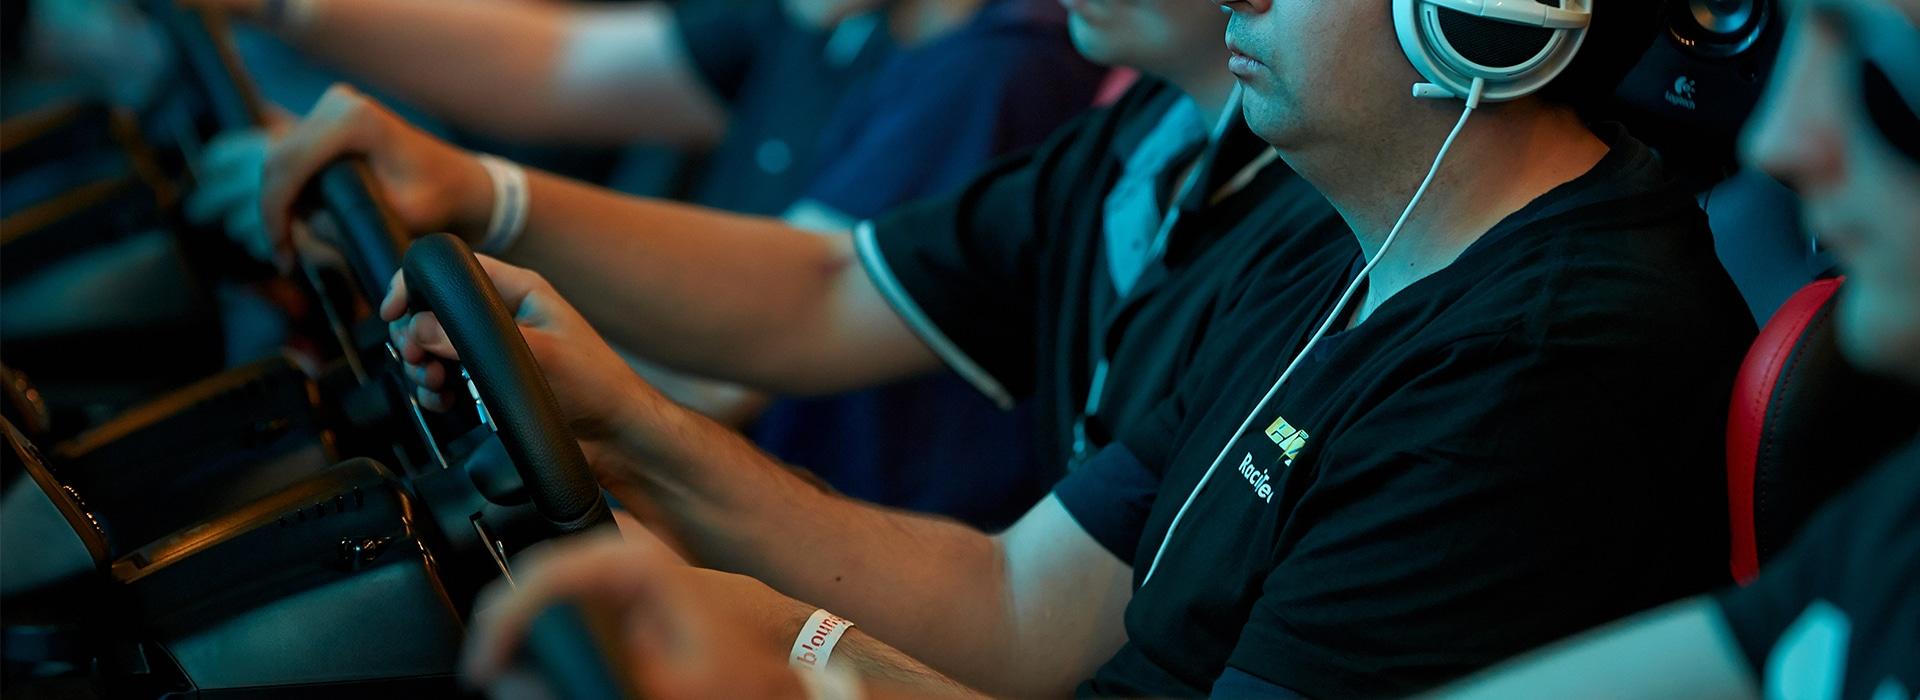 Die Expo ist für Spieler und Simulations-Interessierte. (Foto: SimRacing Expo)